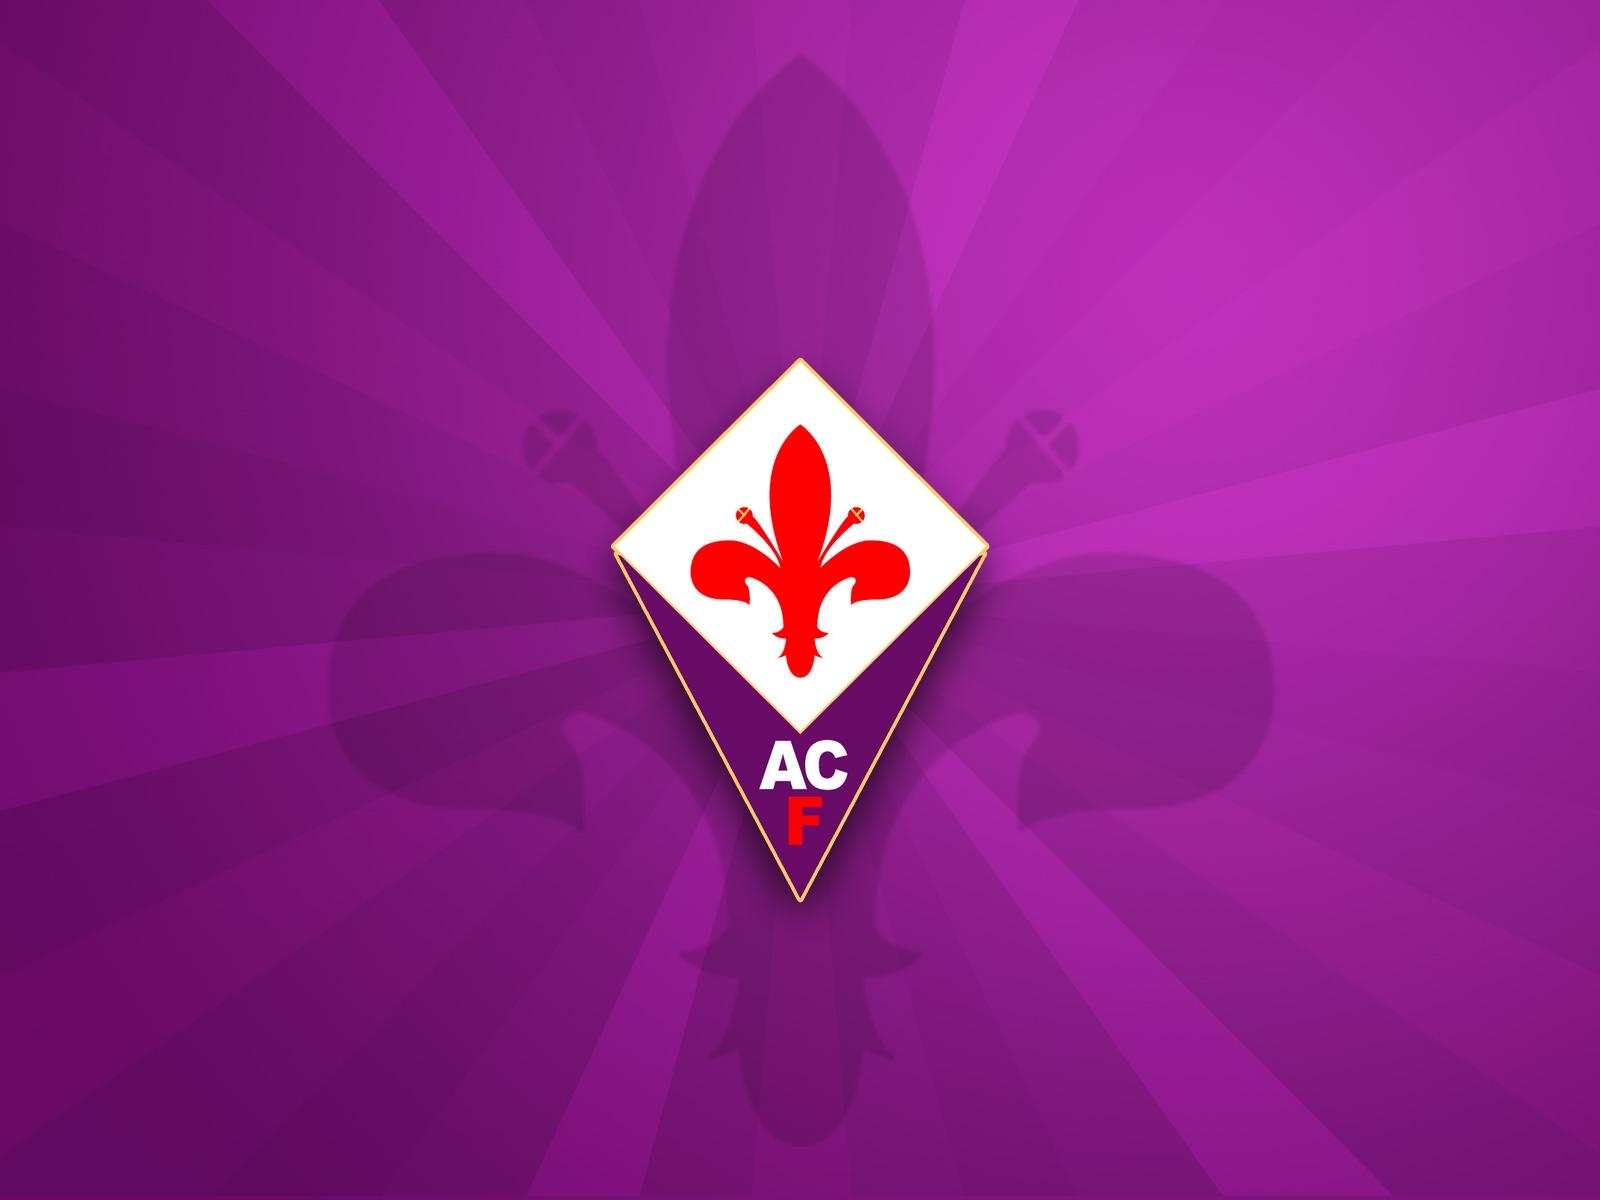 Giocatori più forti della storia della Fiorentina